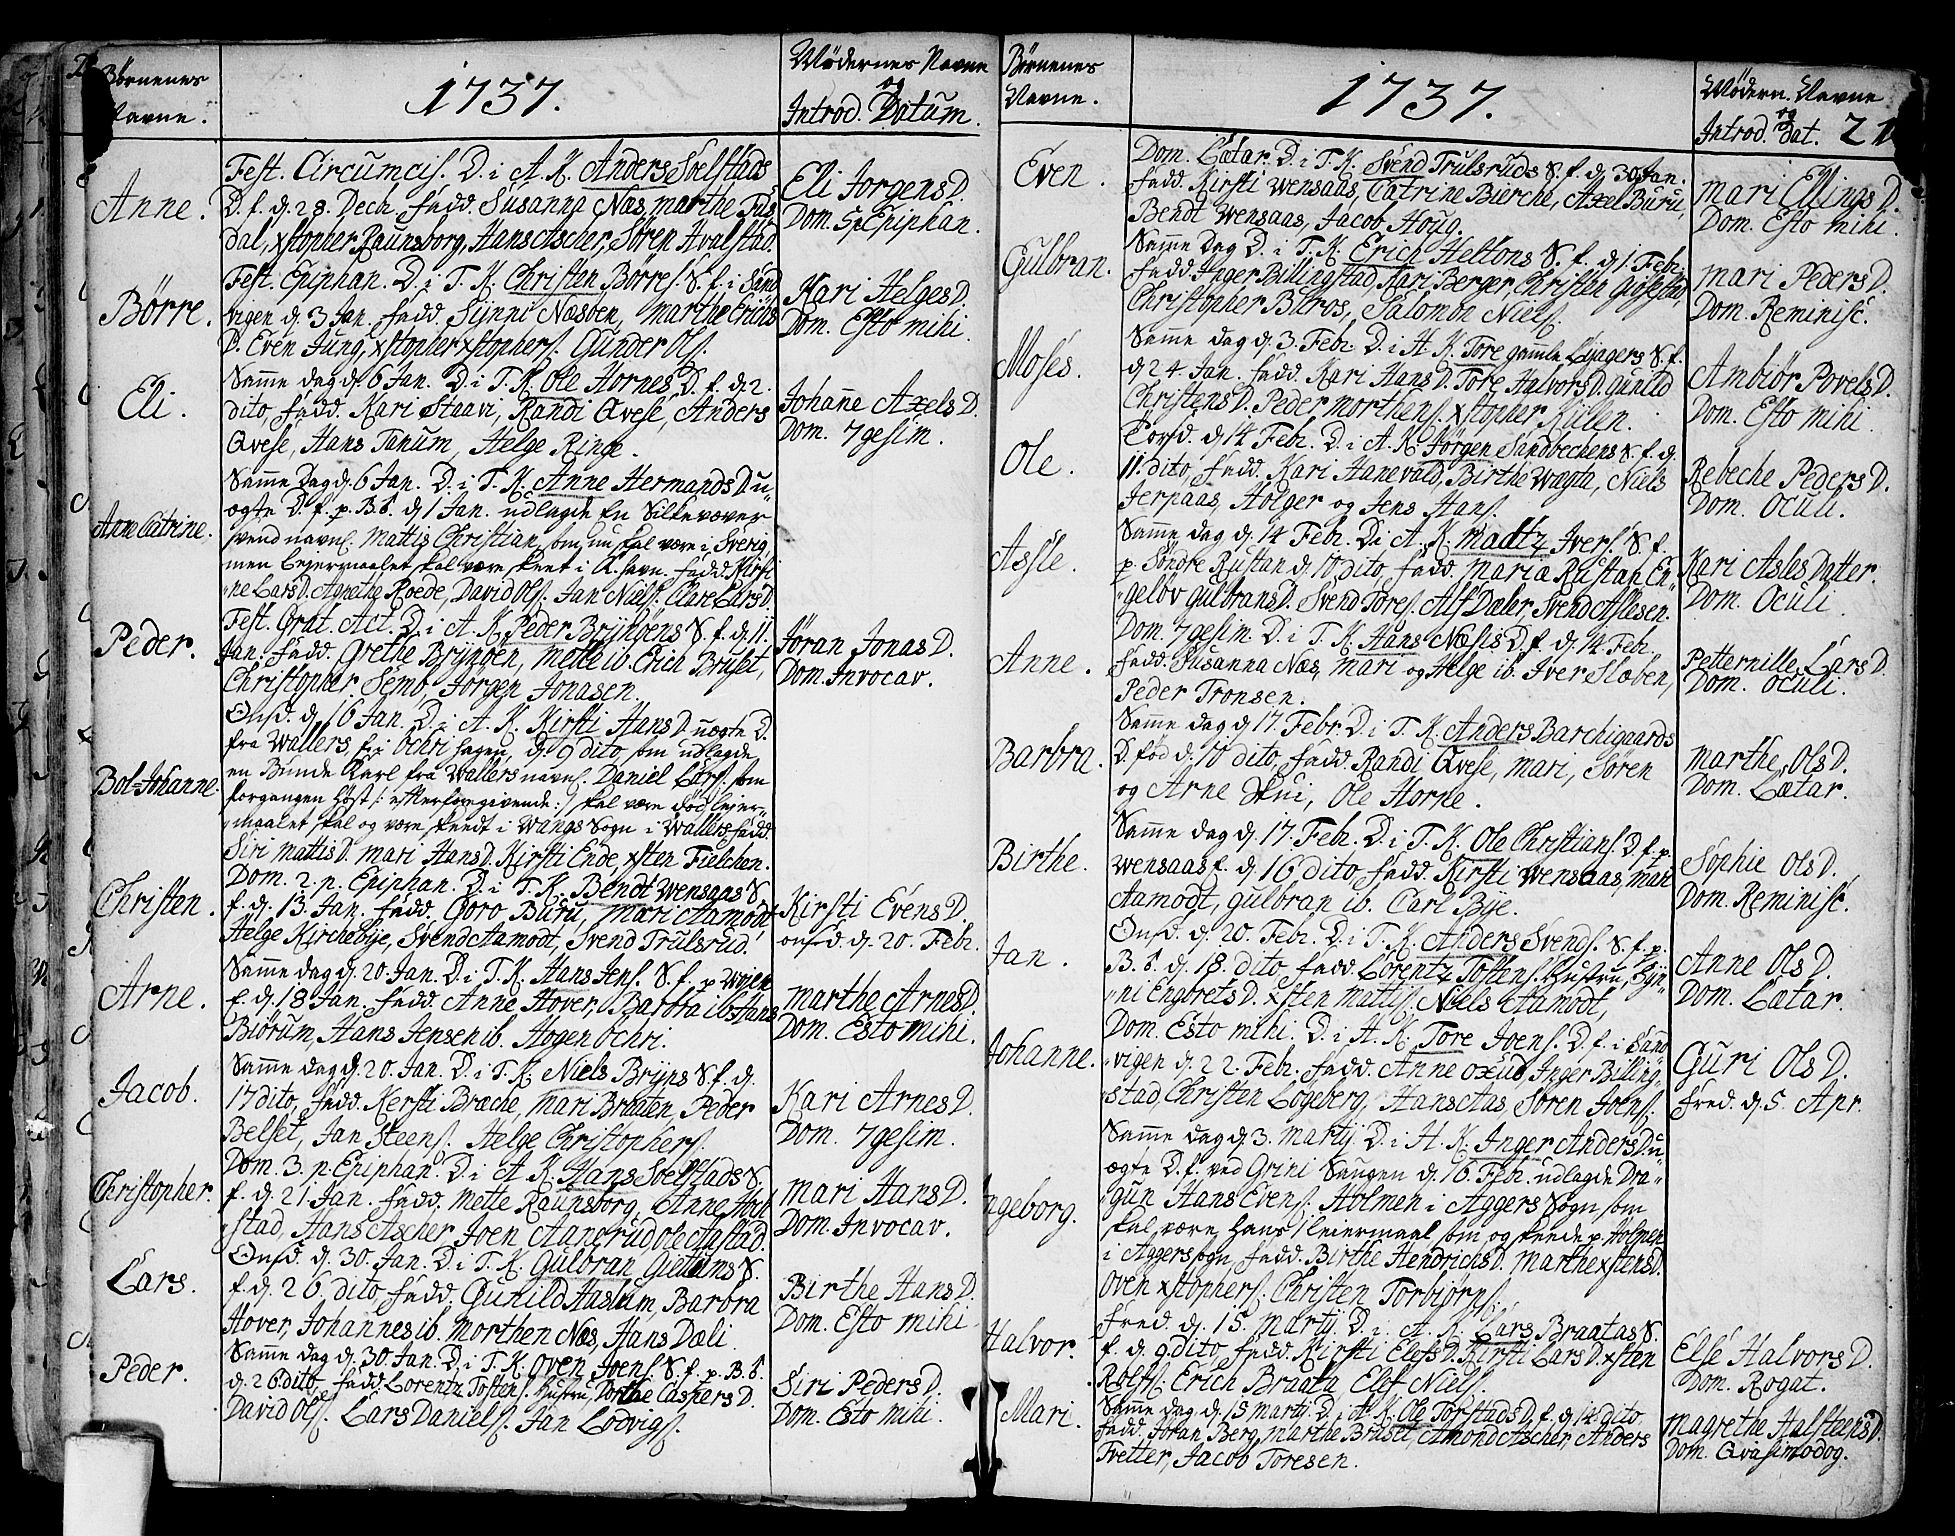 SAO, Asker prestekontor Kirkebøker, F/Fa/L0002: Ministerialbok nr. I 2, 1733-1766, s. 21